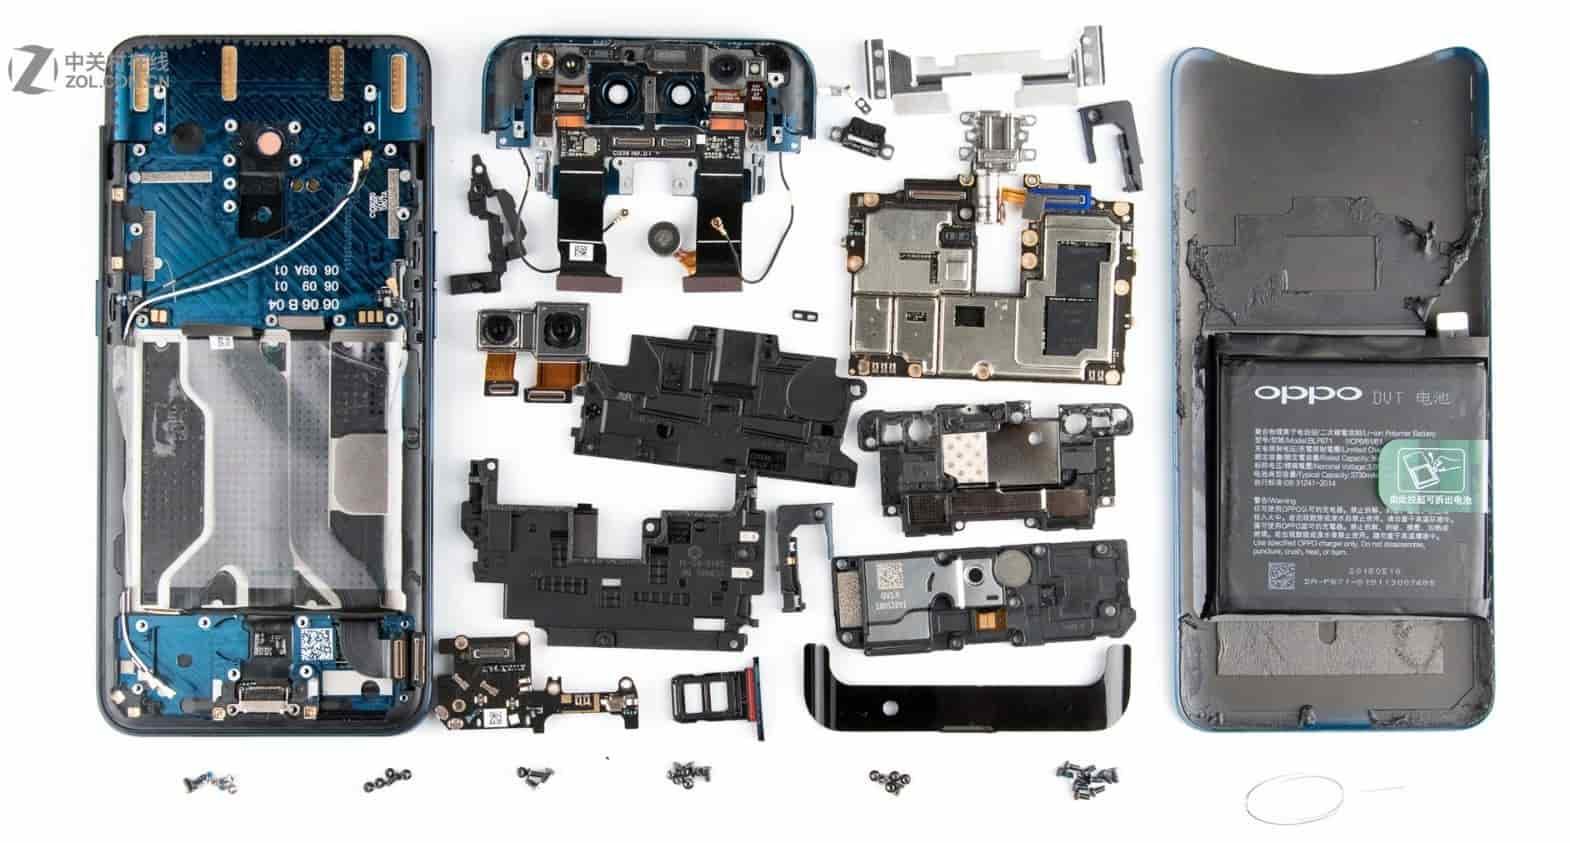 OPPO Find X имеет самое сложное внутреннее устройство и больше всего деталей